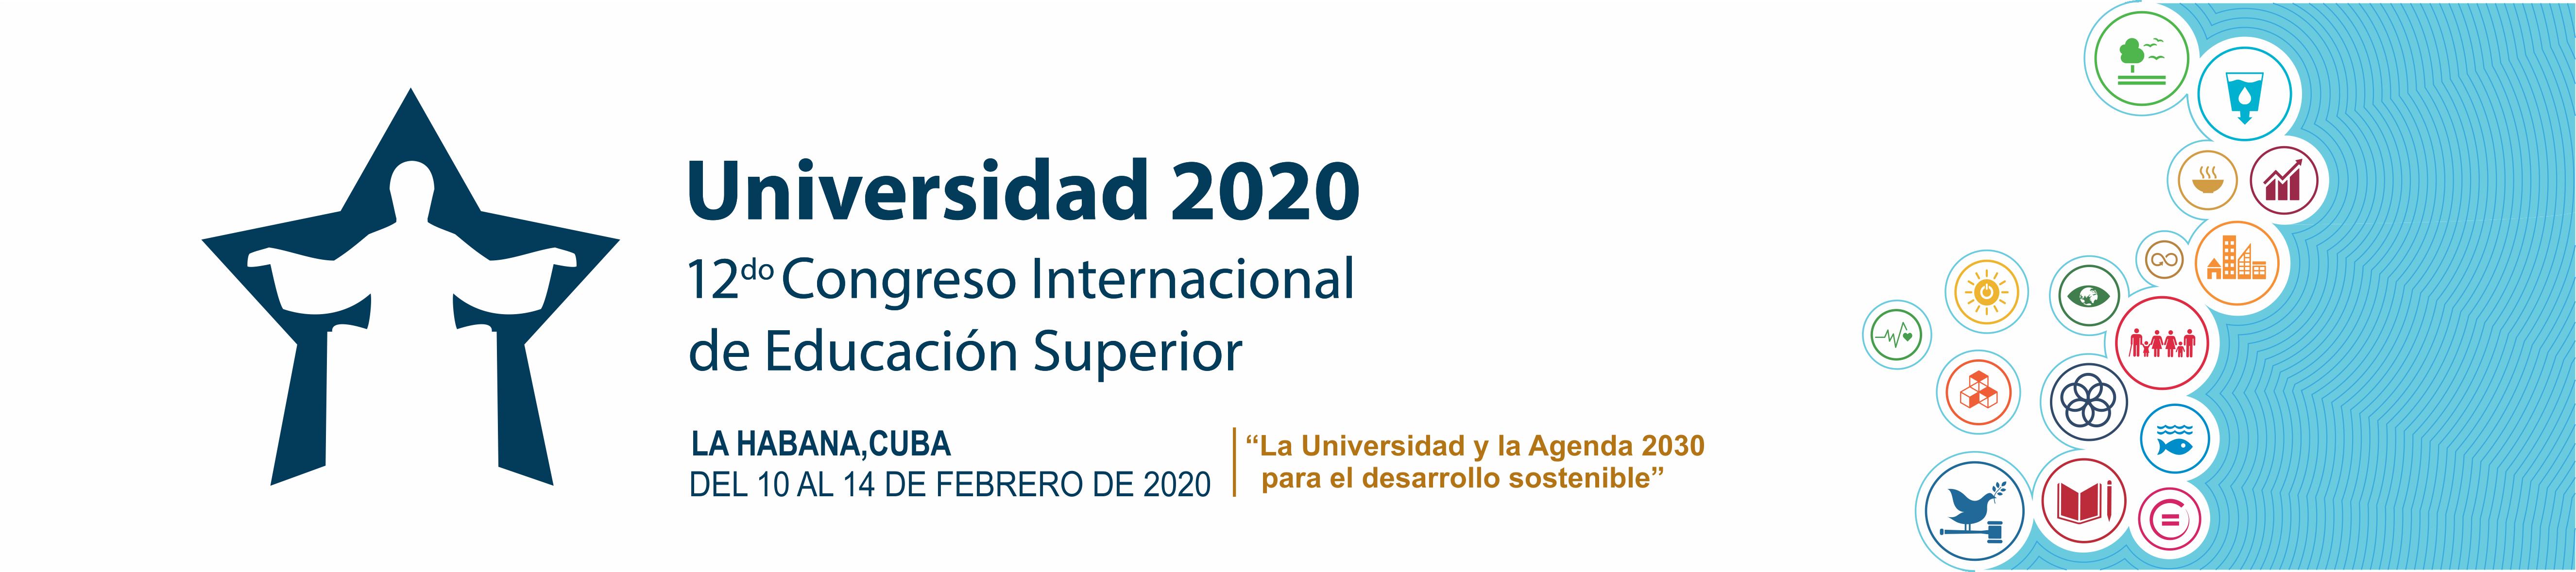 ICAP apoya Congreso Internacional de Educación Superior Universidad en la República de Cuba